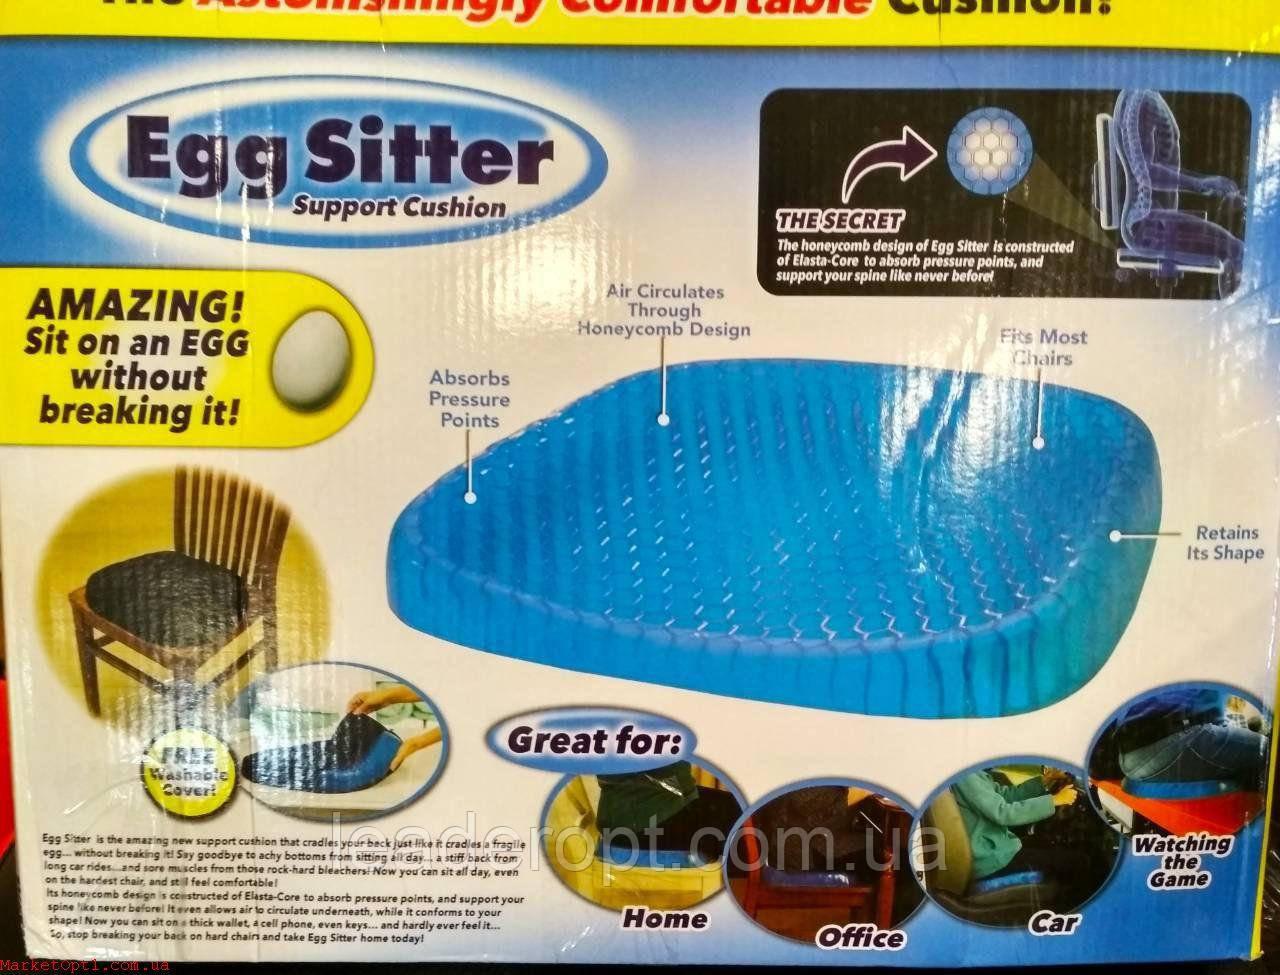 [ОПТ] Ортопедическая Гелевая подушка Egg Sitter